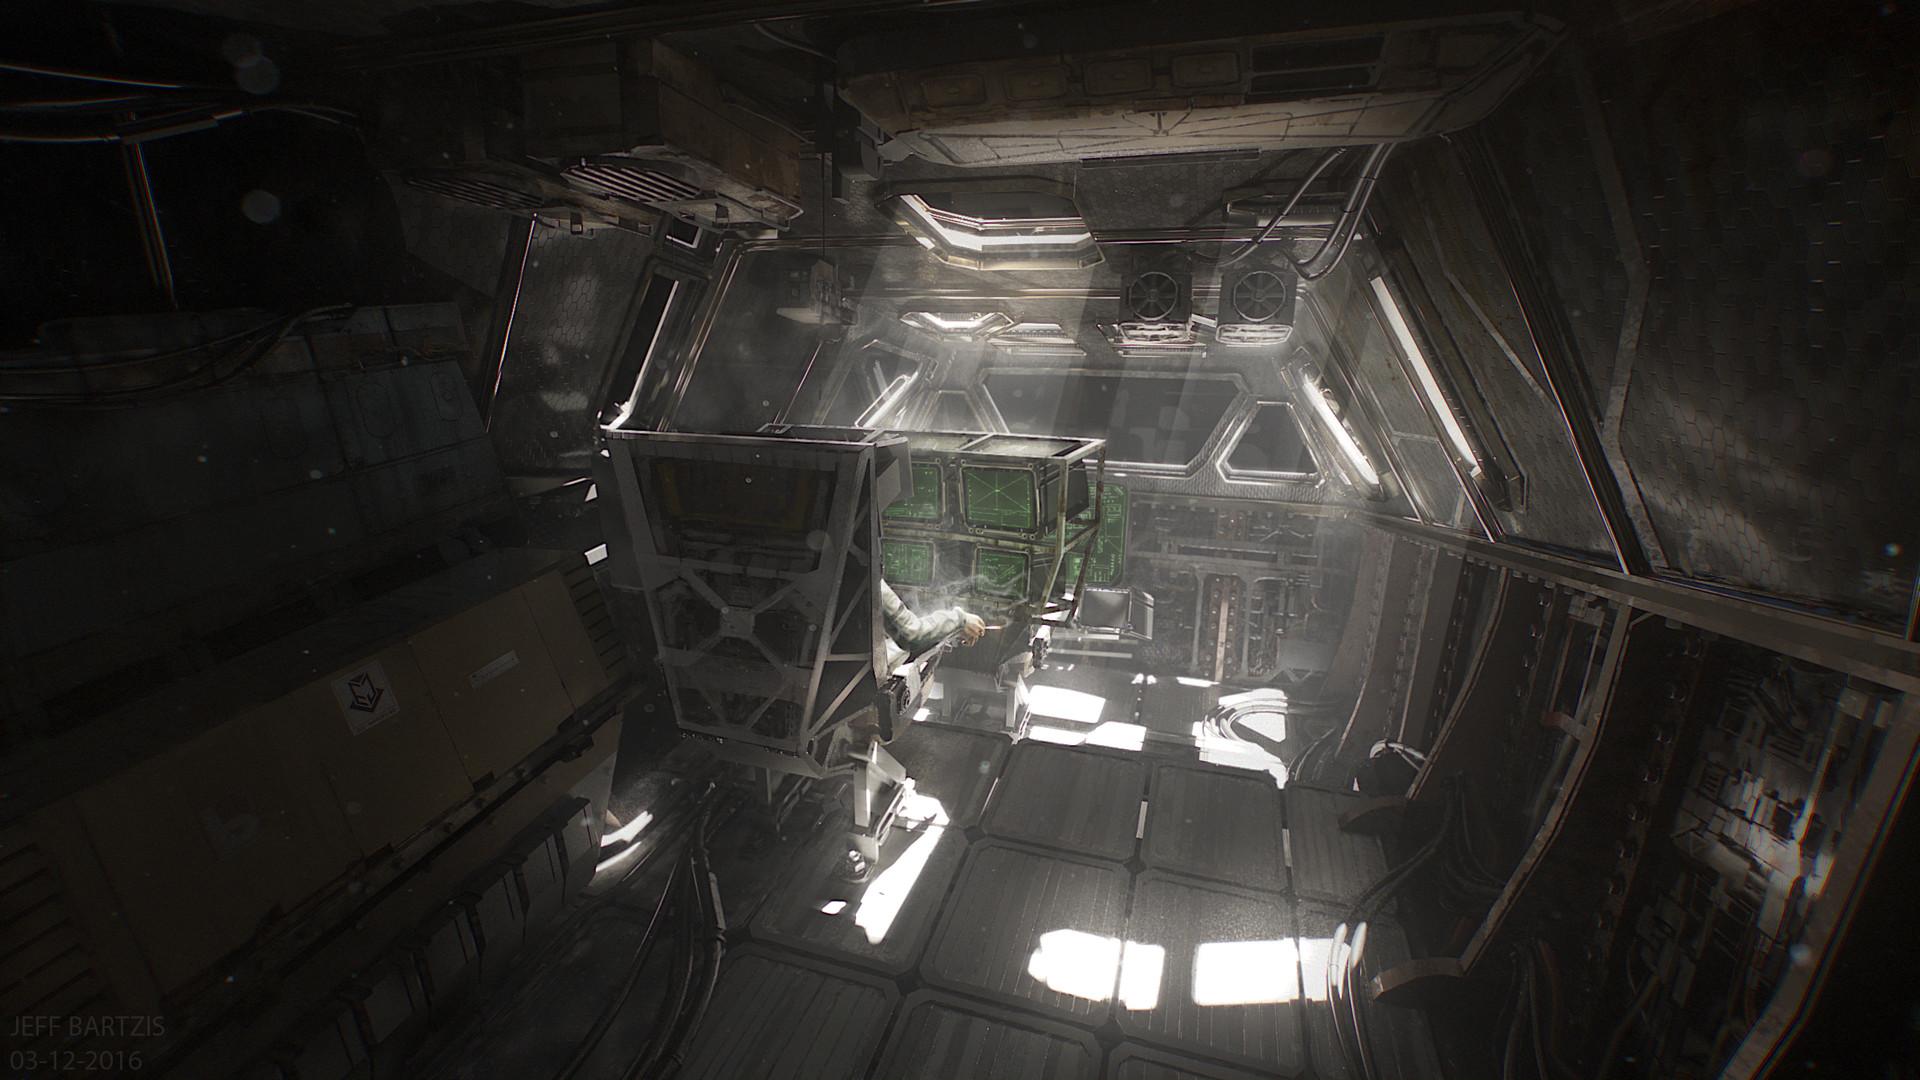 Jeff bartzis cockpit concept 06